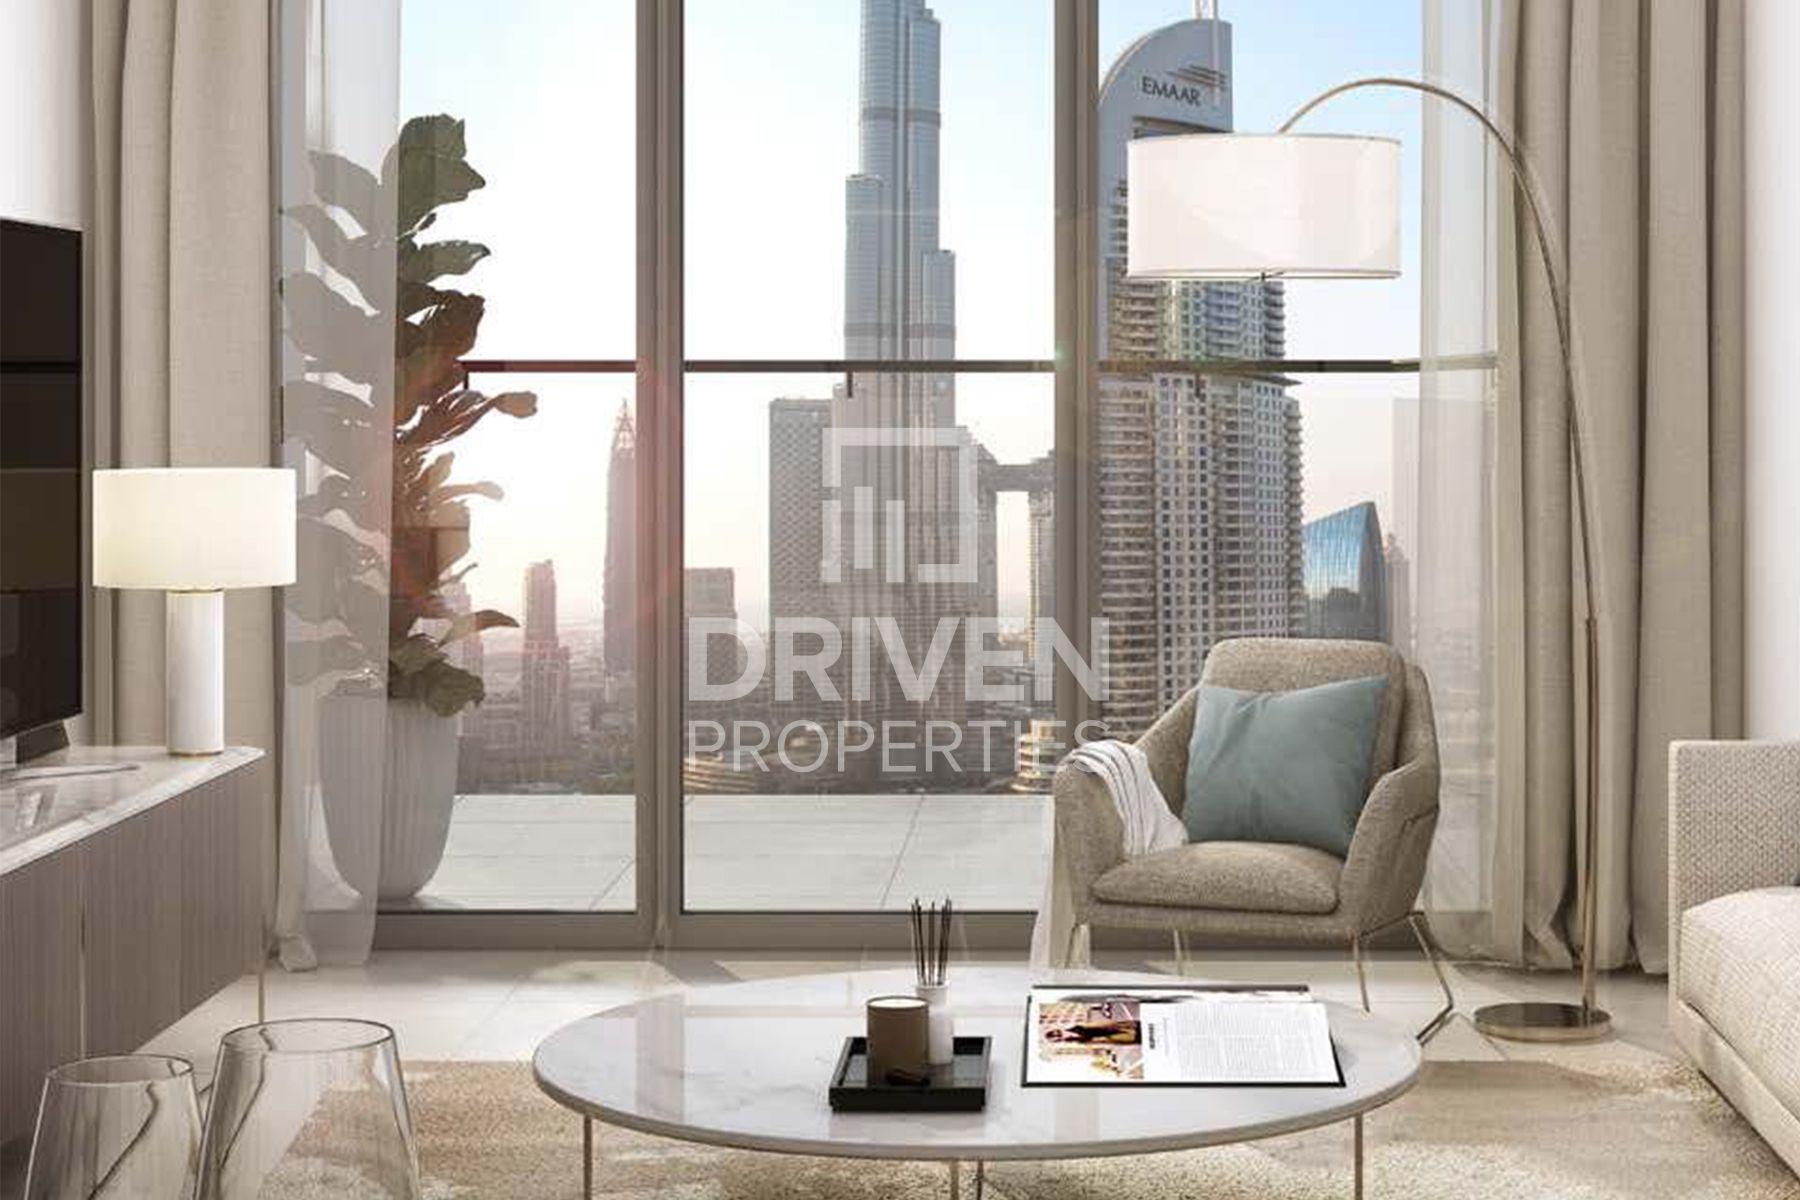 626 قدم مربع  شقة - للبيع - دبي وسط المدينة